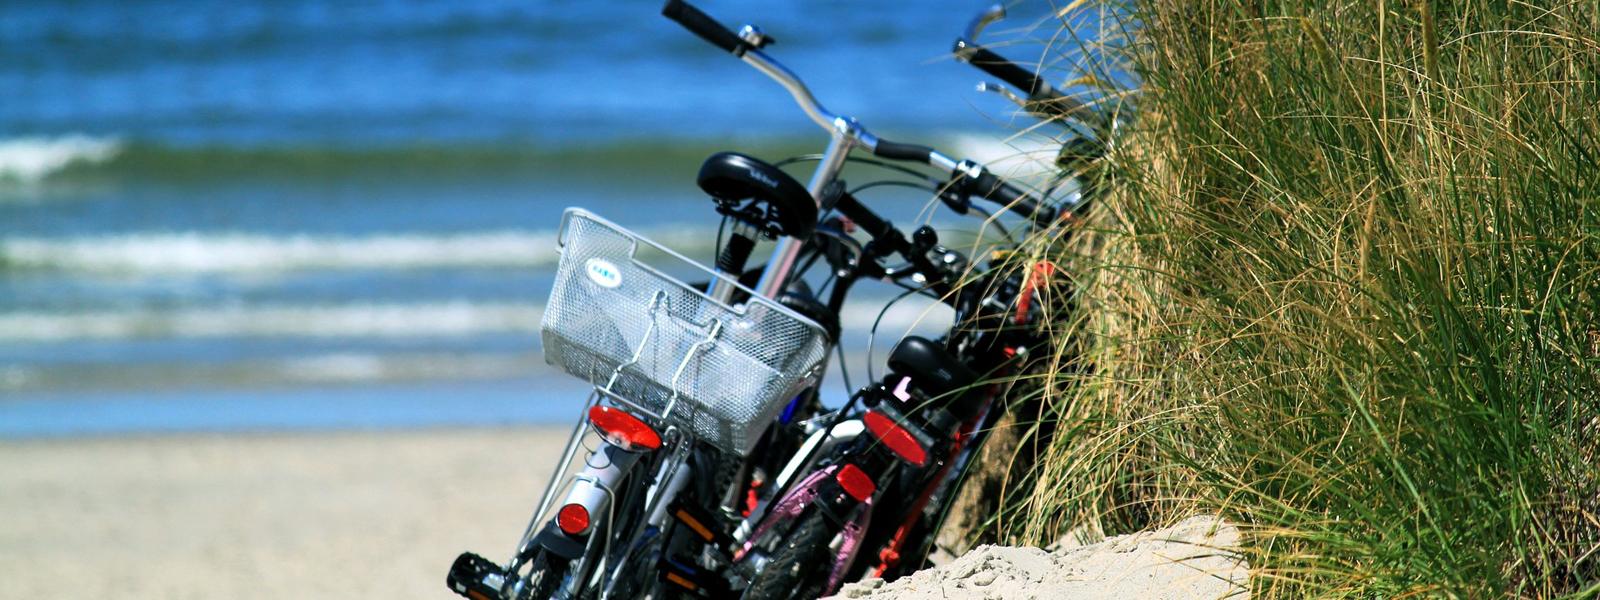 Fahrrad fahren an der Nordseeküste